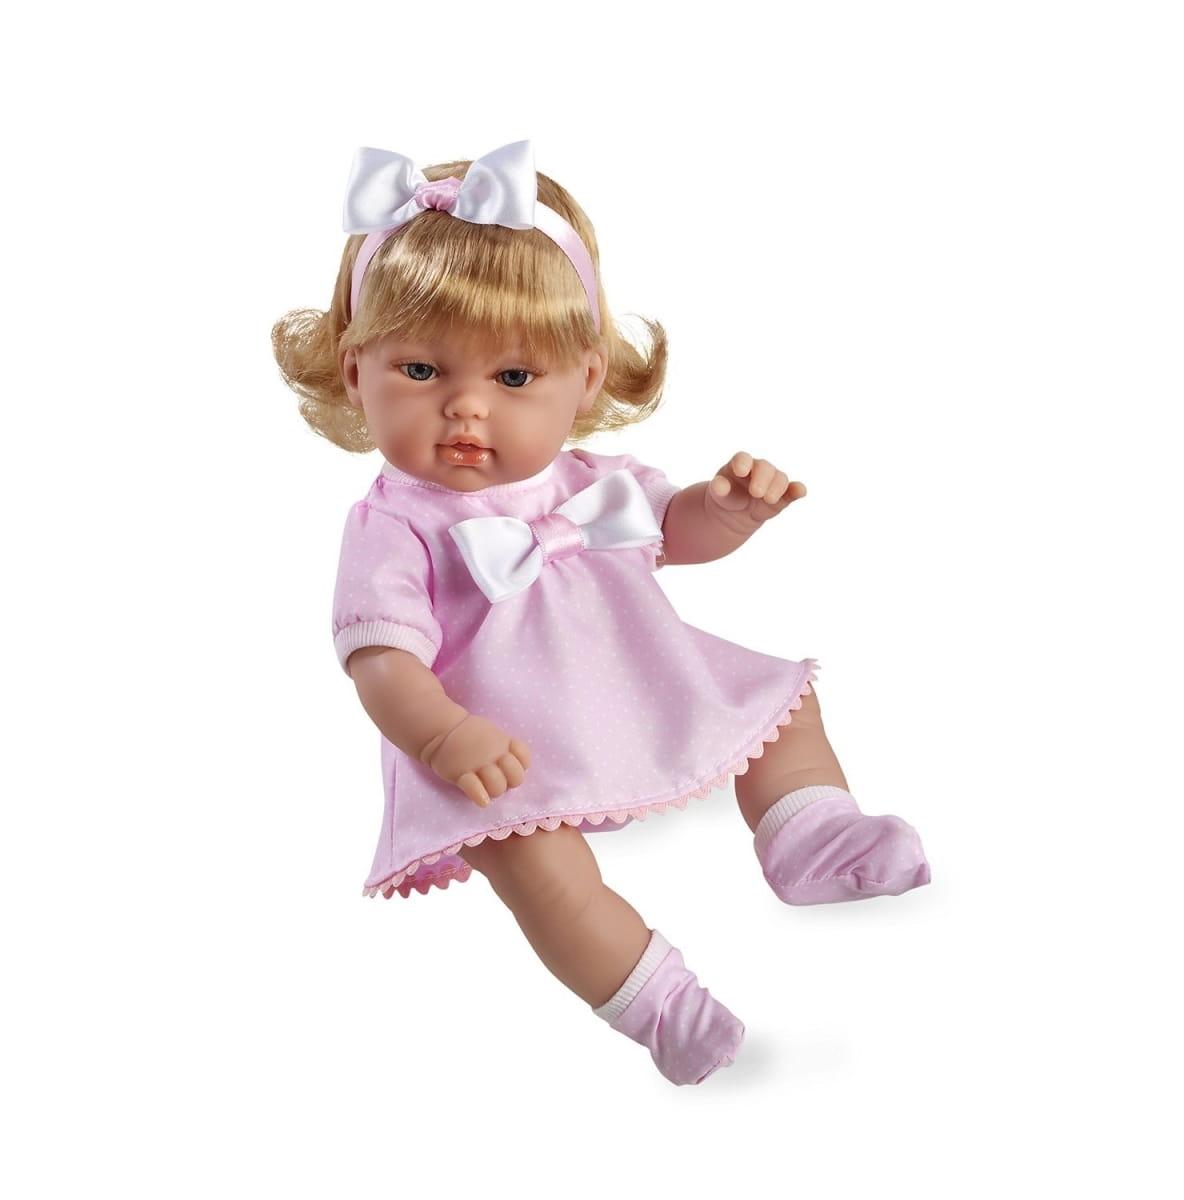 Пупс Arias Т59281 Блондинка в розовом платье с бантом - 33 см